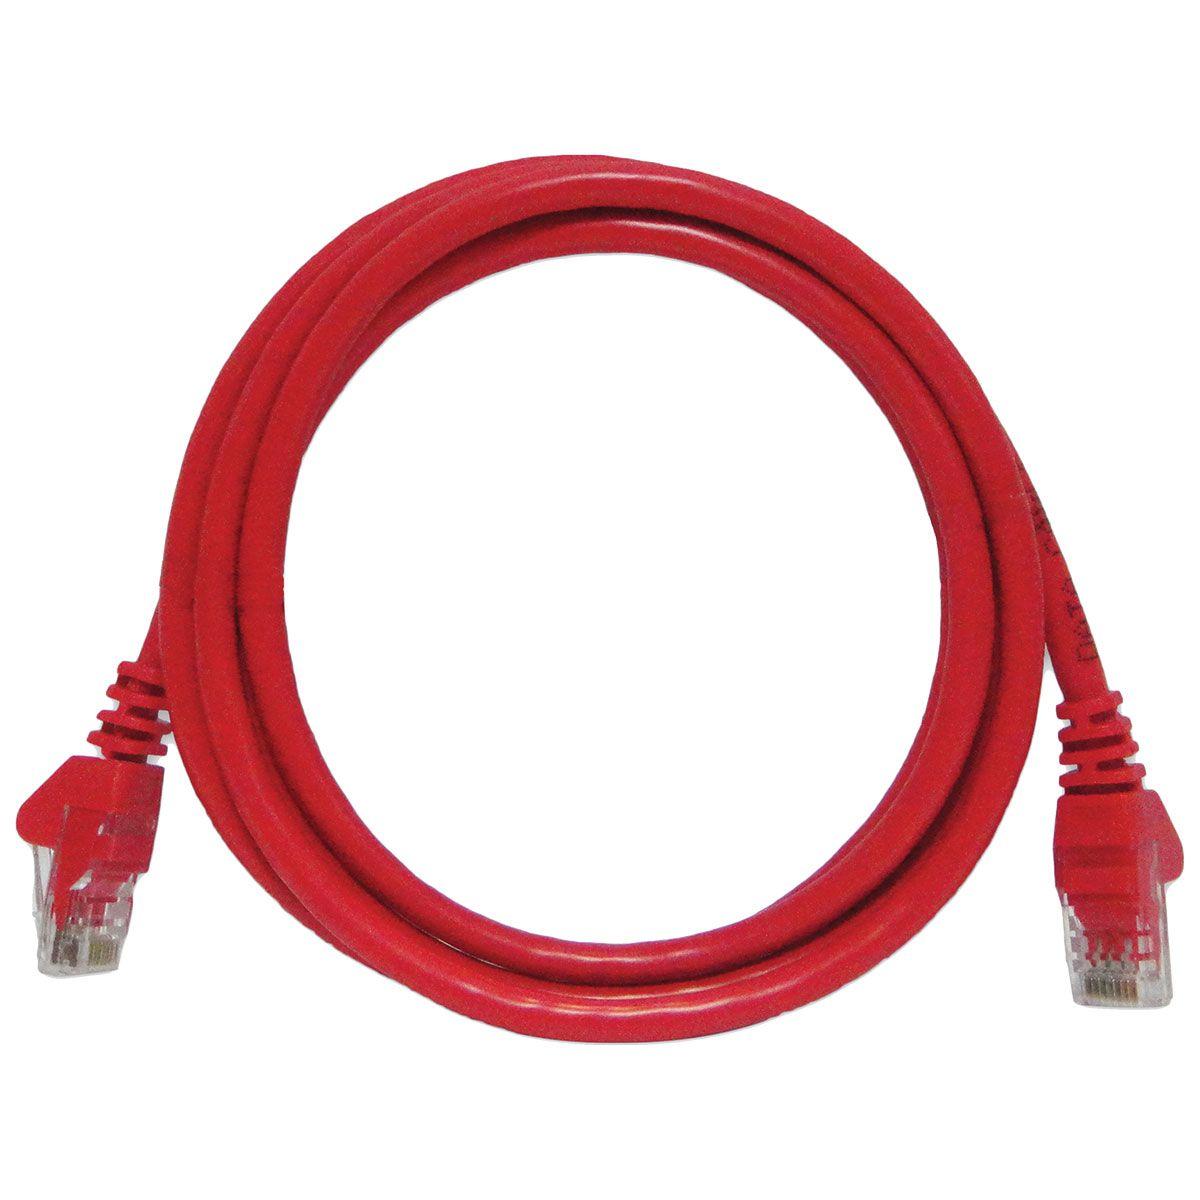 Patch Cord UTP CAT6 26AWG Padrão 568B 2.5m Vermelho CY-PC2.5M-6-26RD 29590 - Seccon